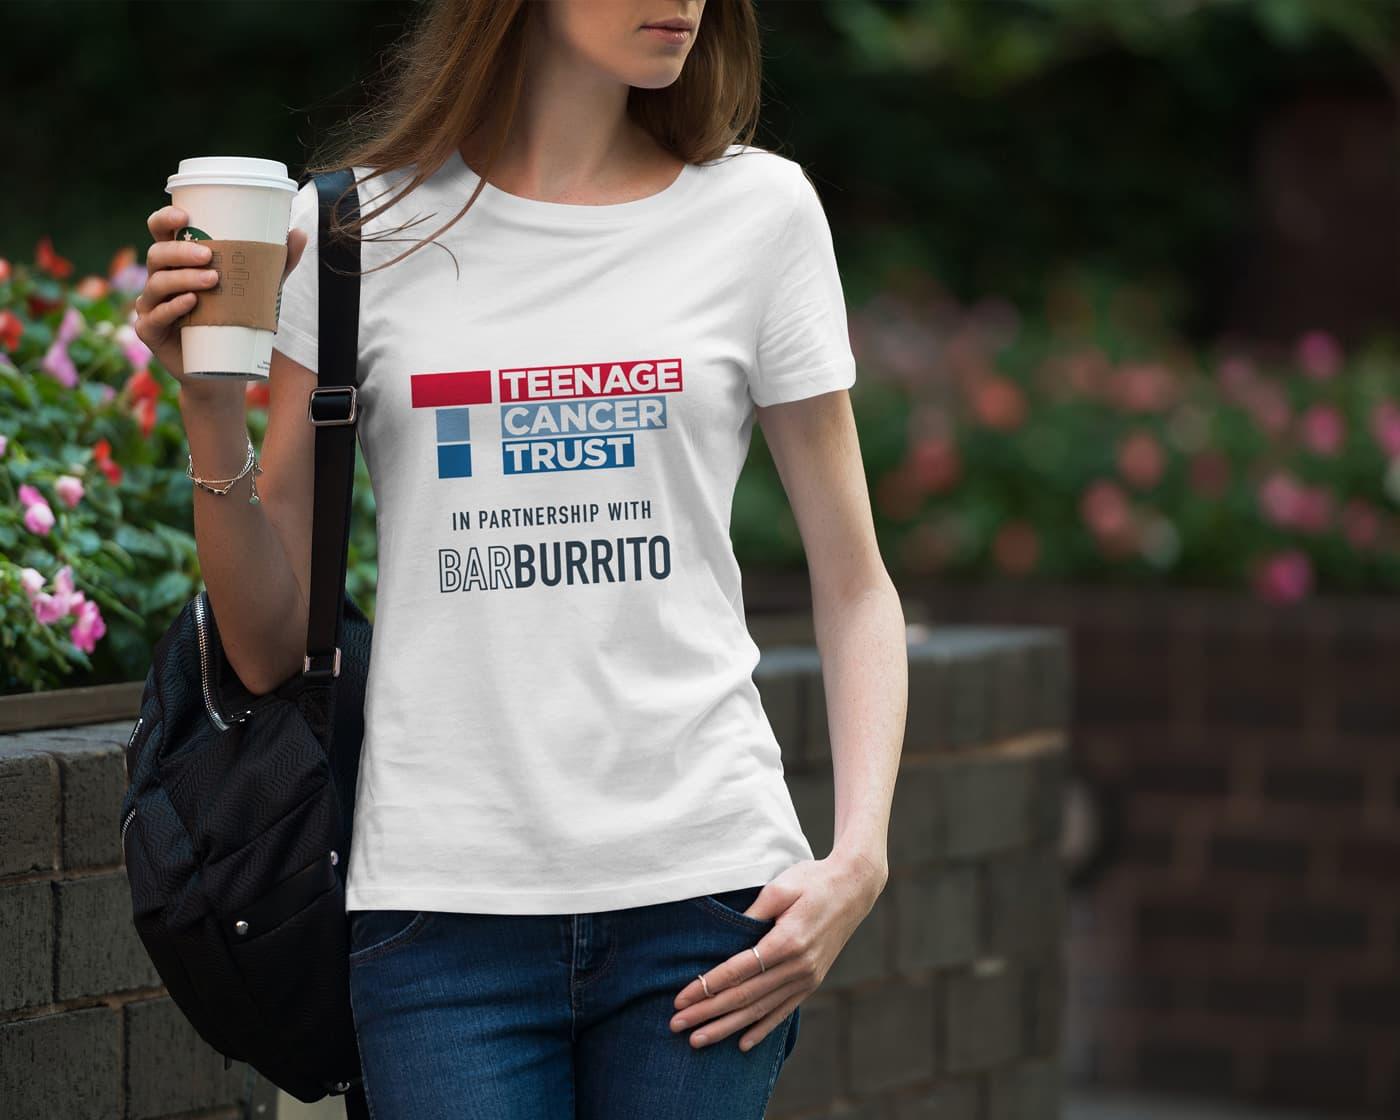 Farnbeyond promotional t-shirt design